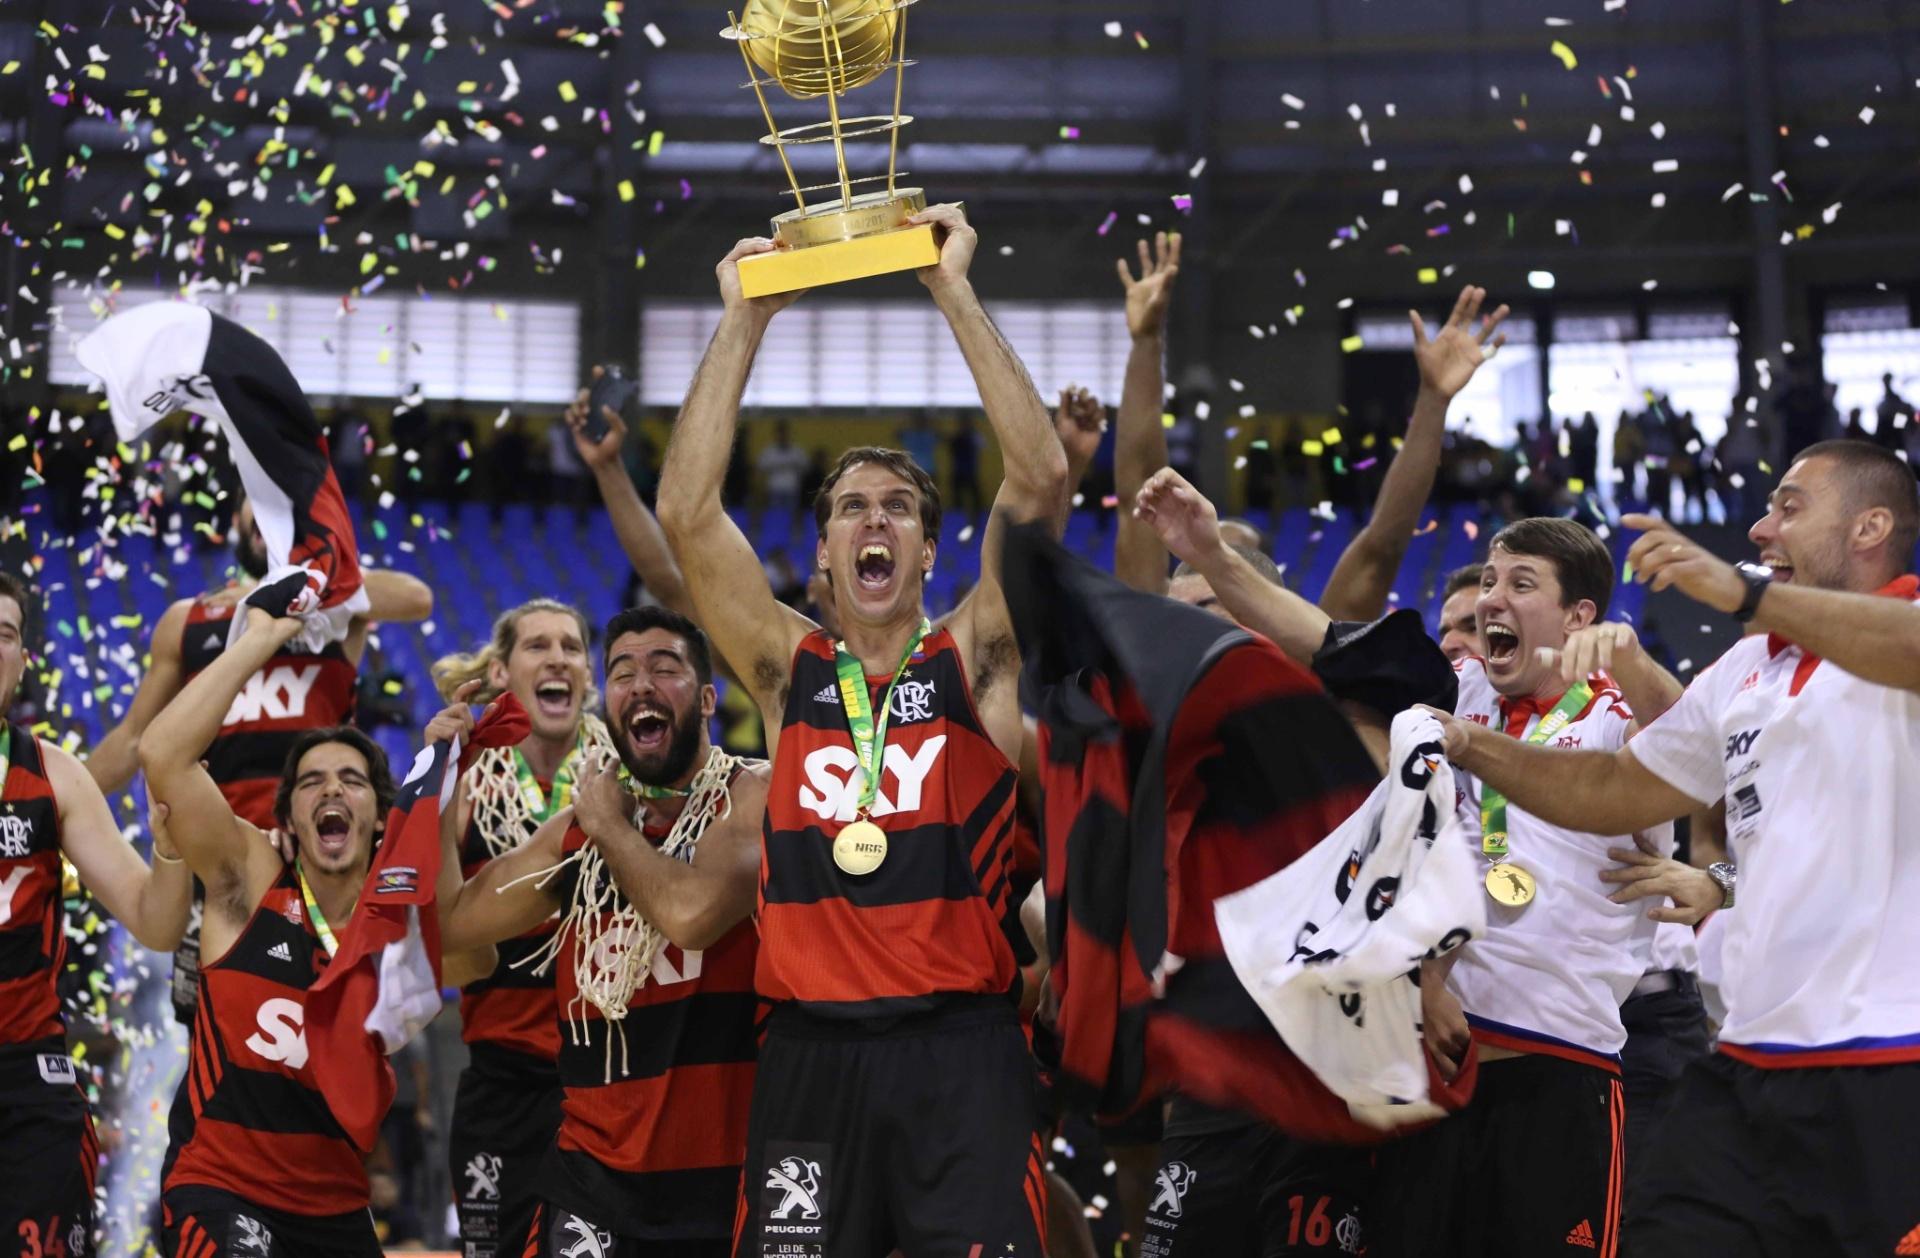 Marcelinho Machado ergue o troféu de campeão do NBB com os jogadores do Flamengo